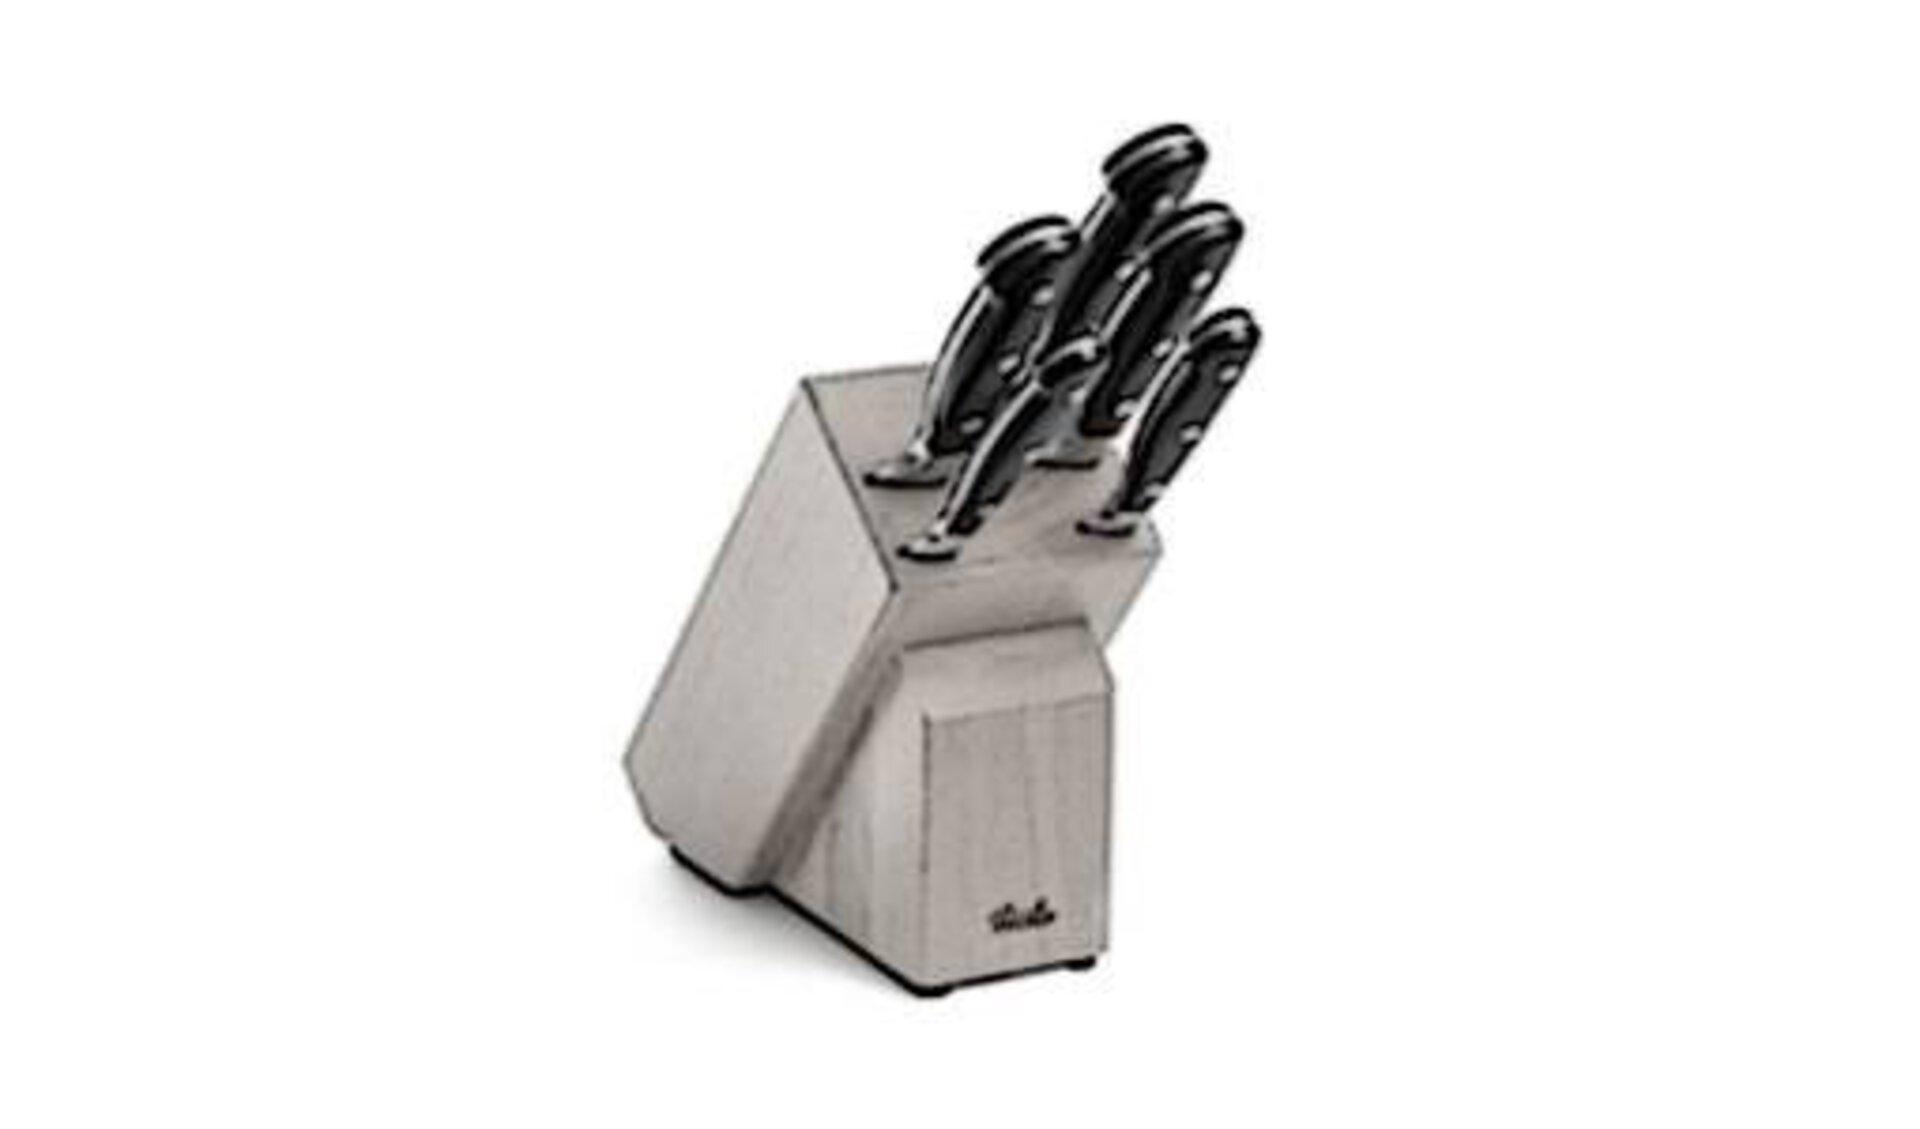 Messer und Messerblöcke werden durch einen hölzernen Messerblock dargestellt, in dem hochwertige Messer mit schwarzen Griffen stecken.